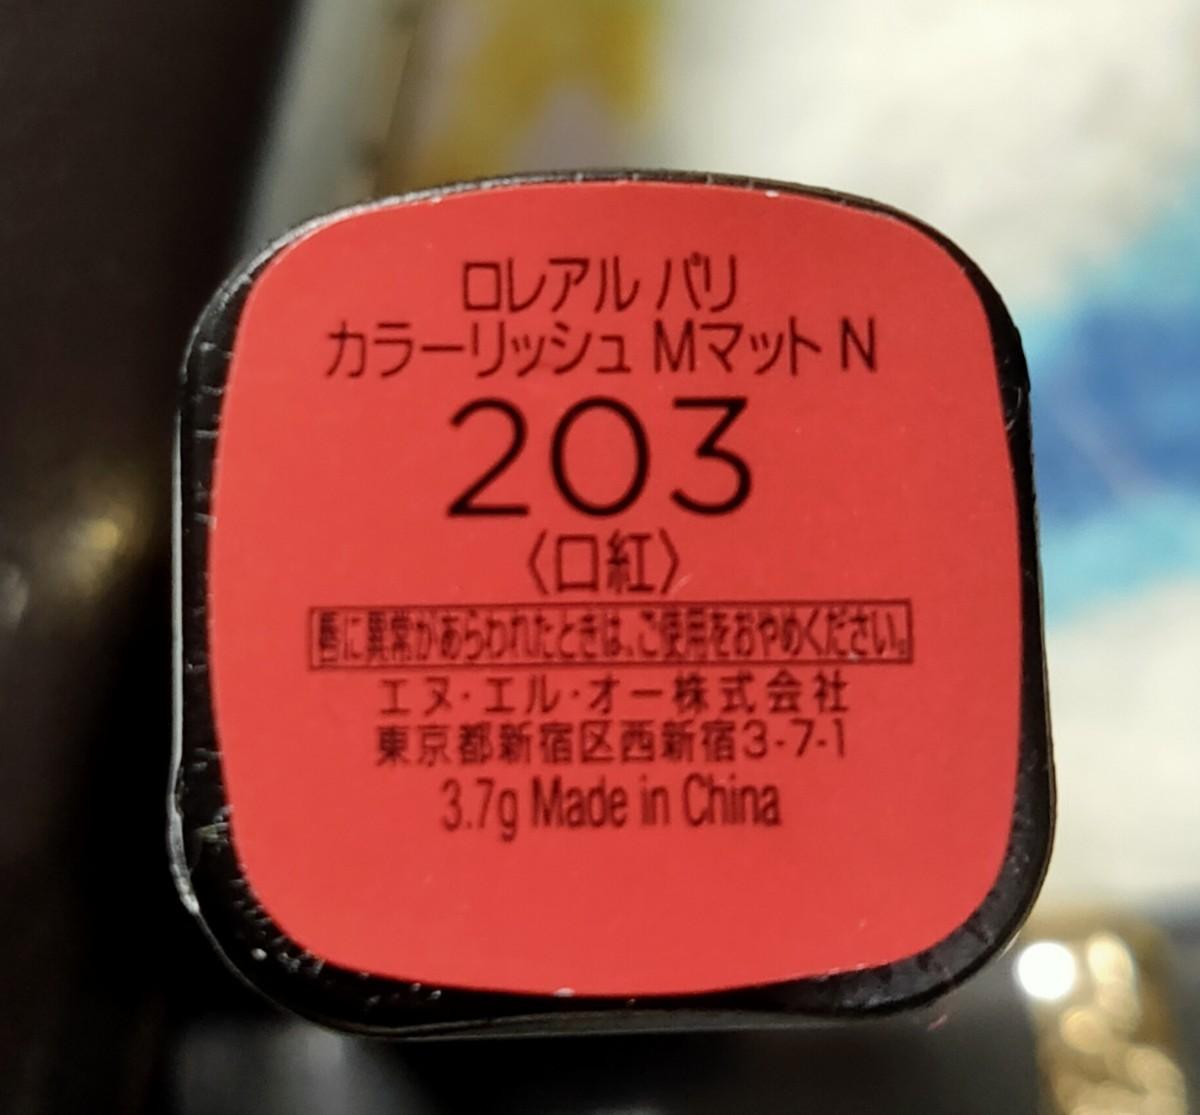 ロレアル ロレアル パリ カラーリッシュ モイストマット N 203